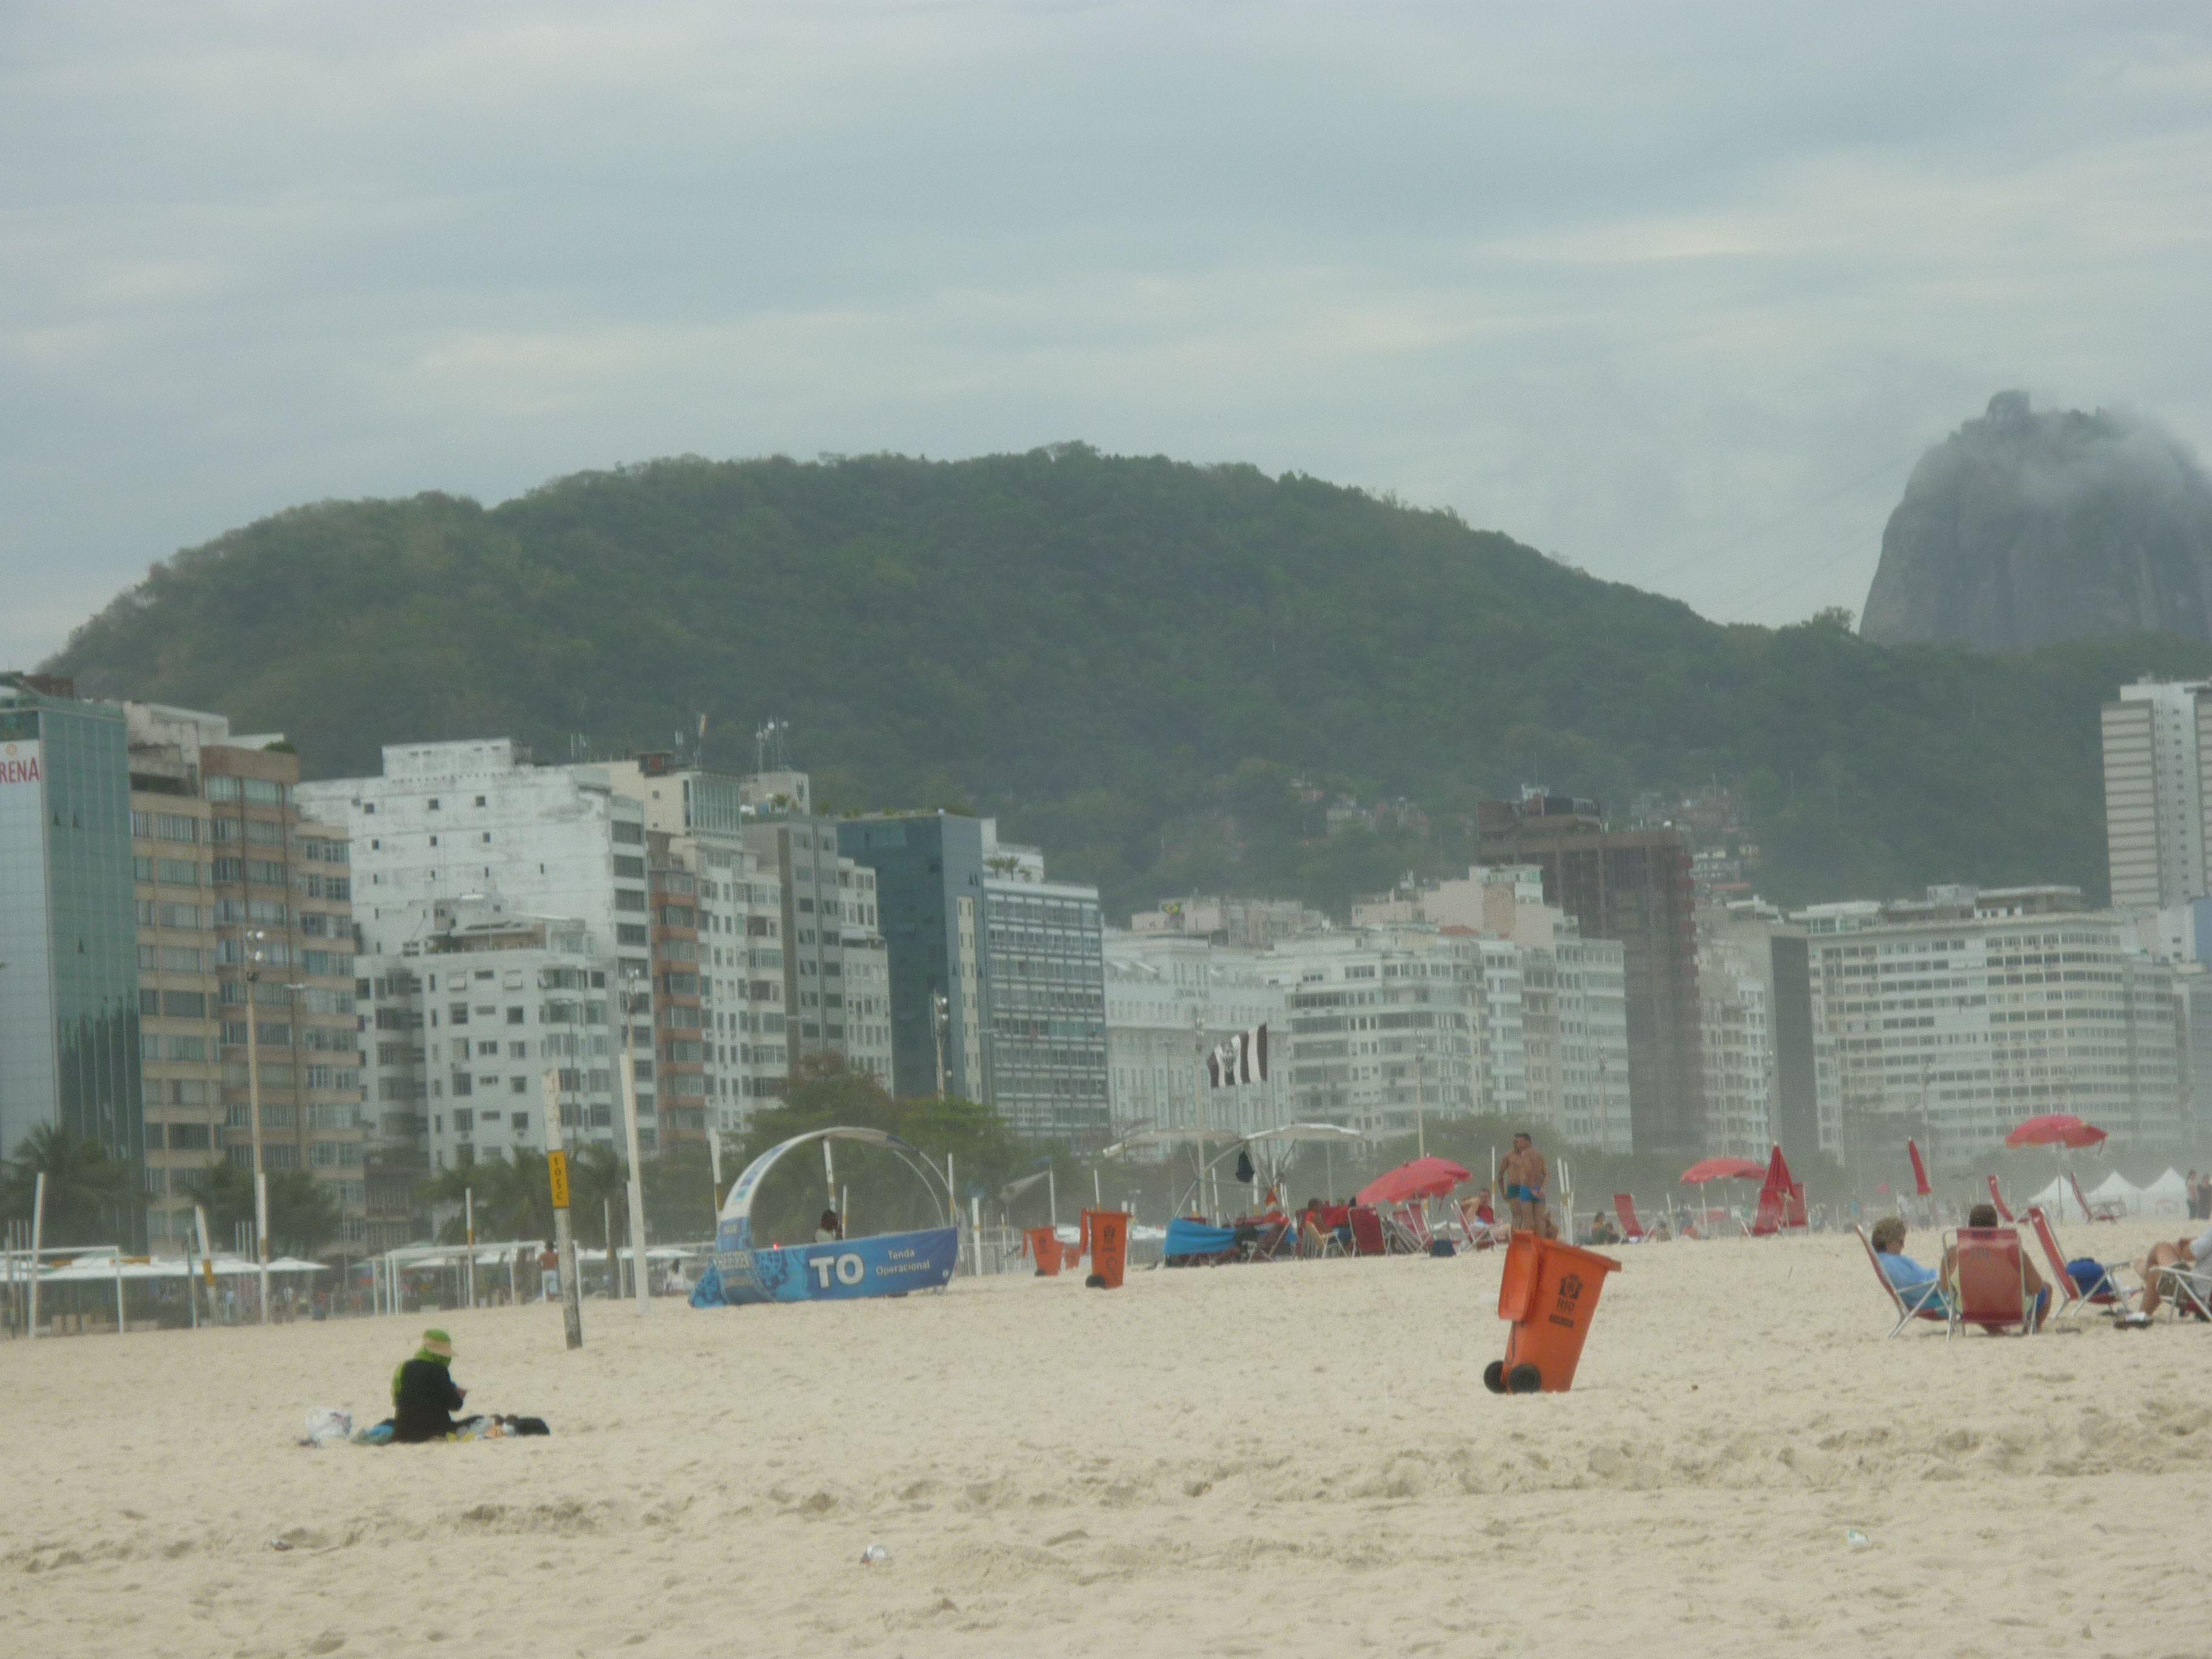 Este día de sol se vive casi toda la vuelta del año en Rio de Janeiro ¡Cómo no querer ir siempre! / #viajes #travel #viajesmuseo #traveller #travelling #vacation #placestovisit #trips